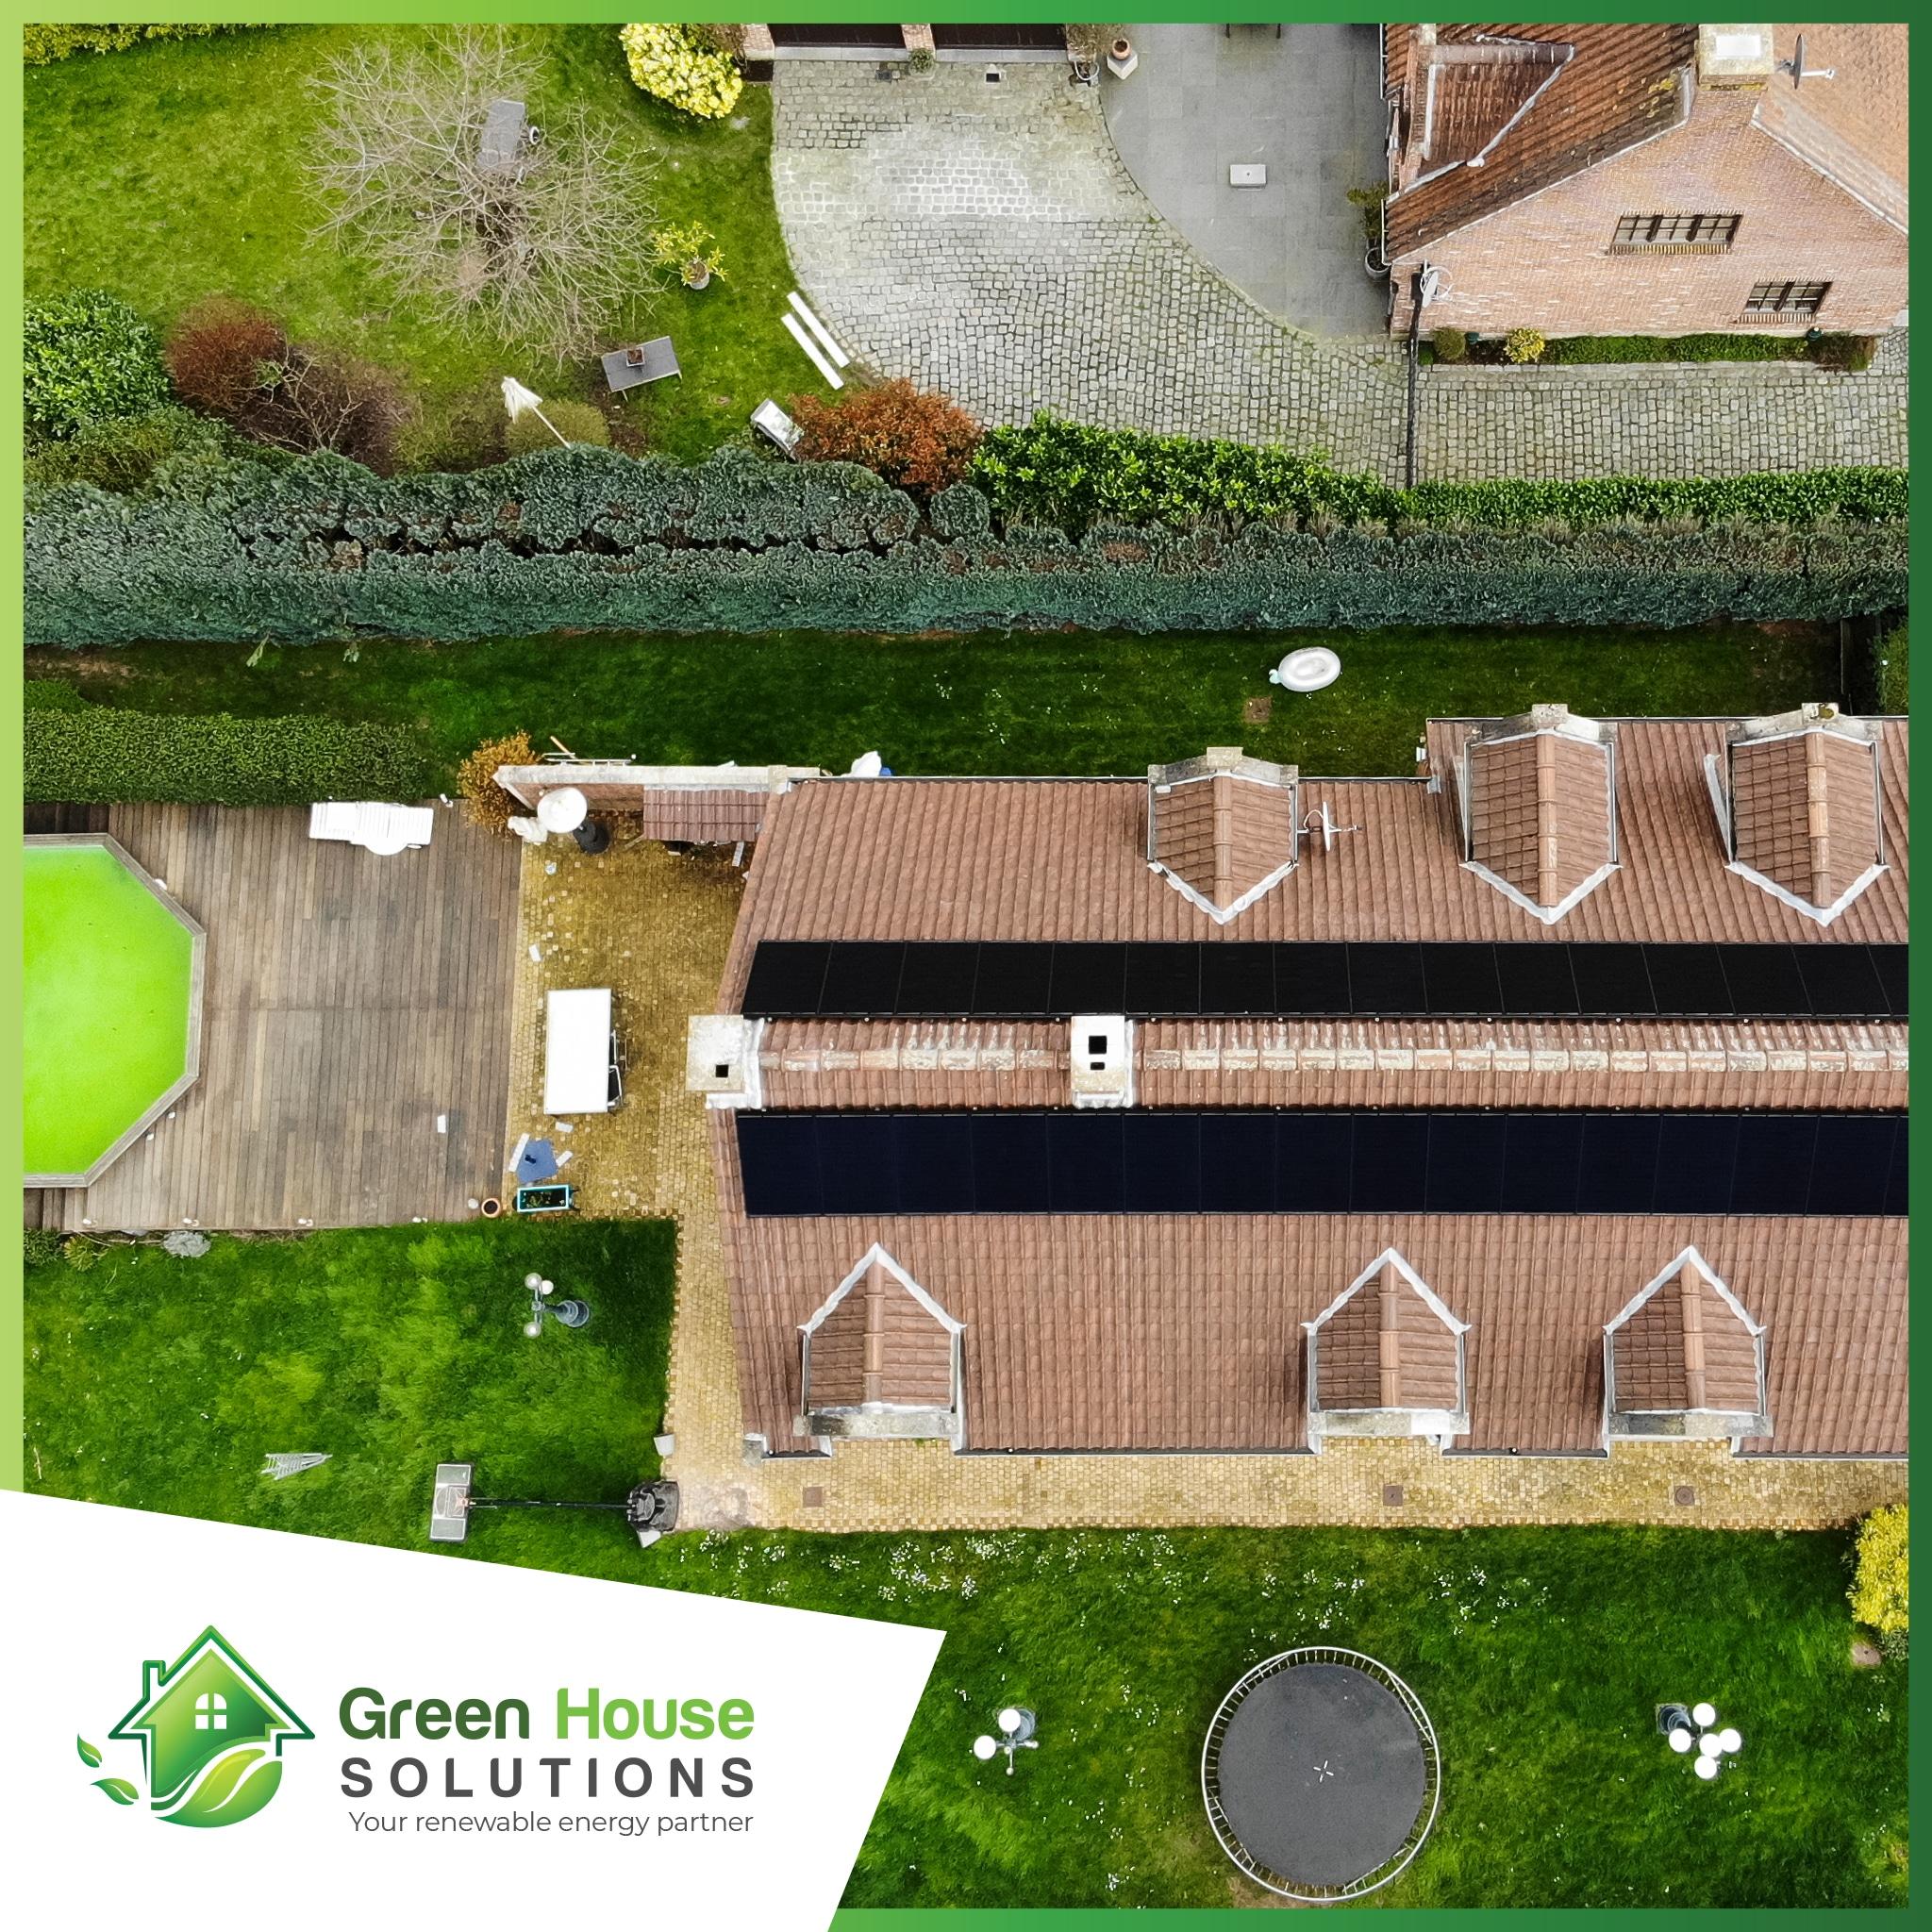 Green House Solutions zonnepanelen plaatsen installeren of kopen 00033